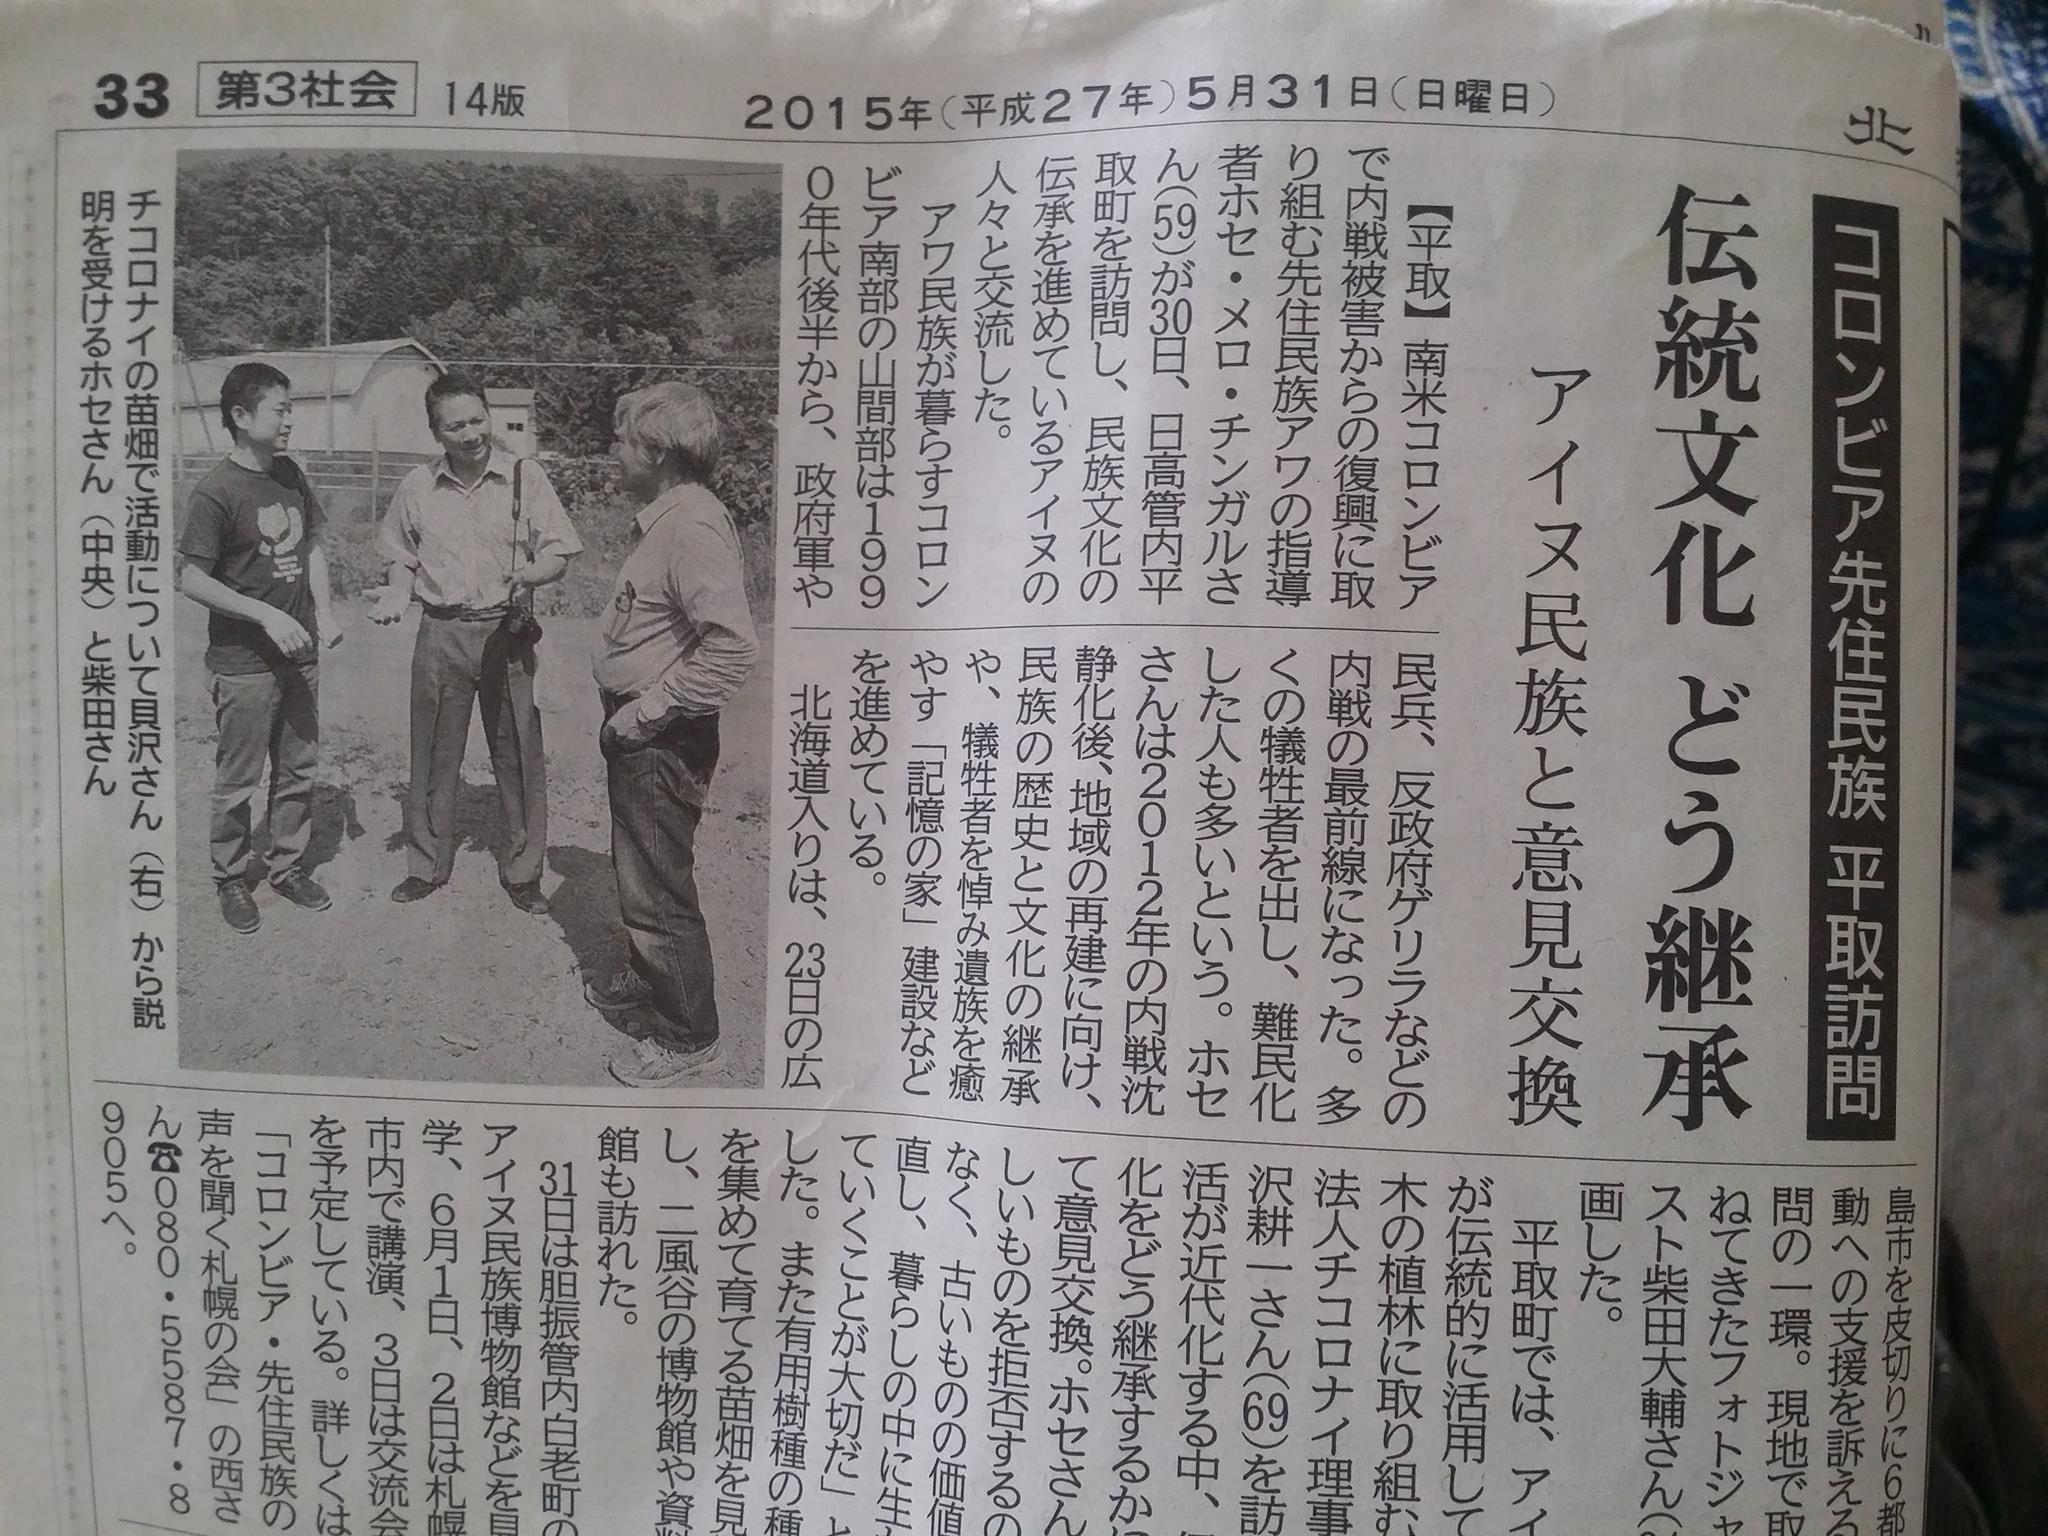 HokkaidoShinbun_05312015